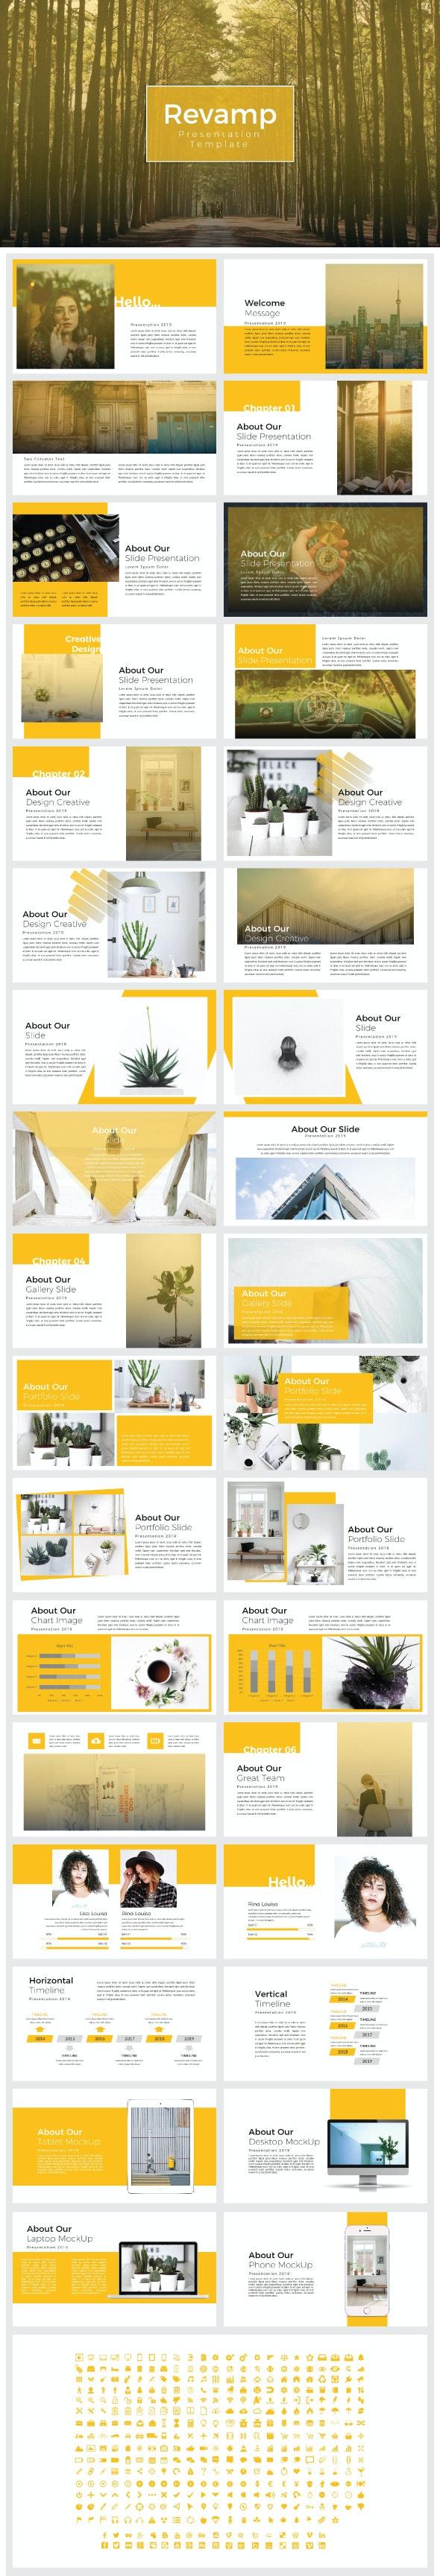 Revamp - Google Slide Templates - Google Slides Presentation Templates